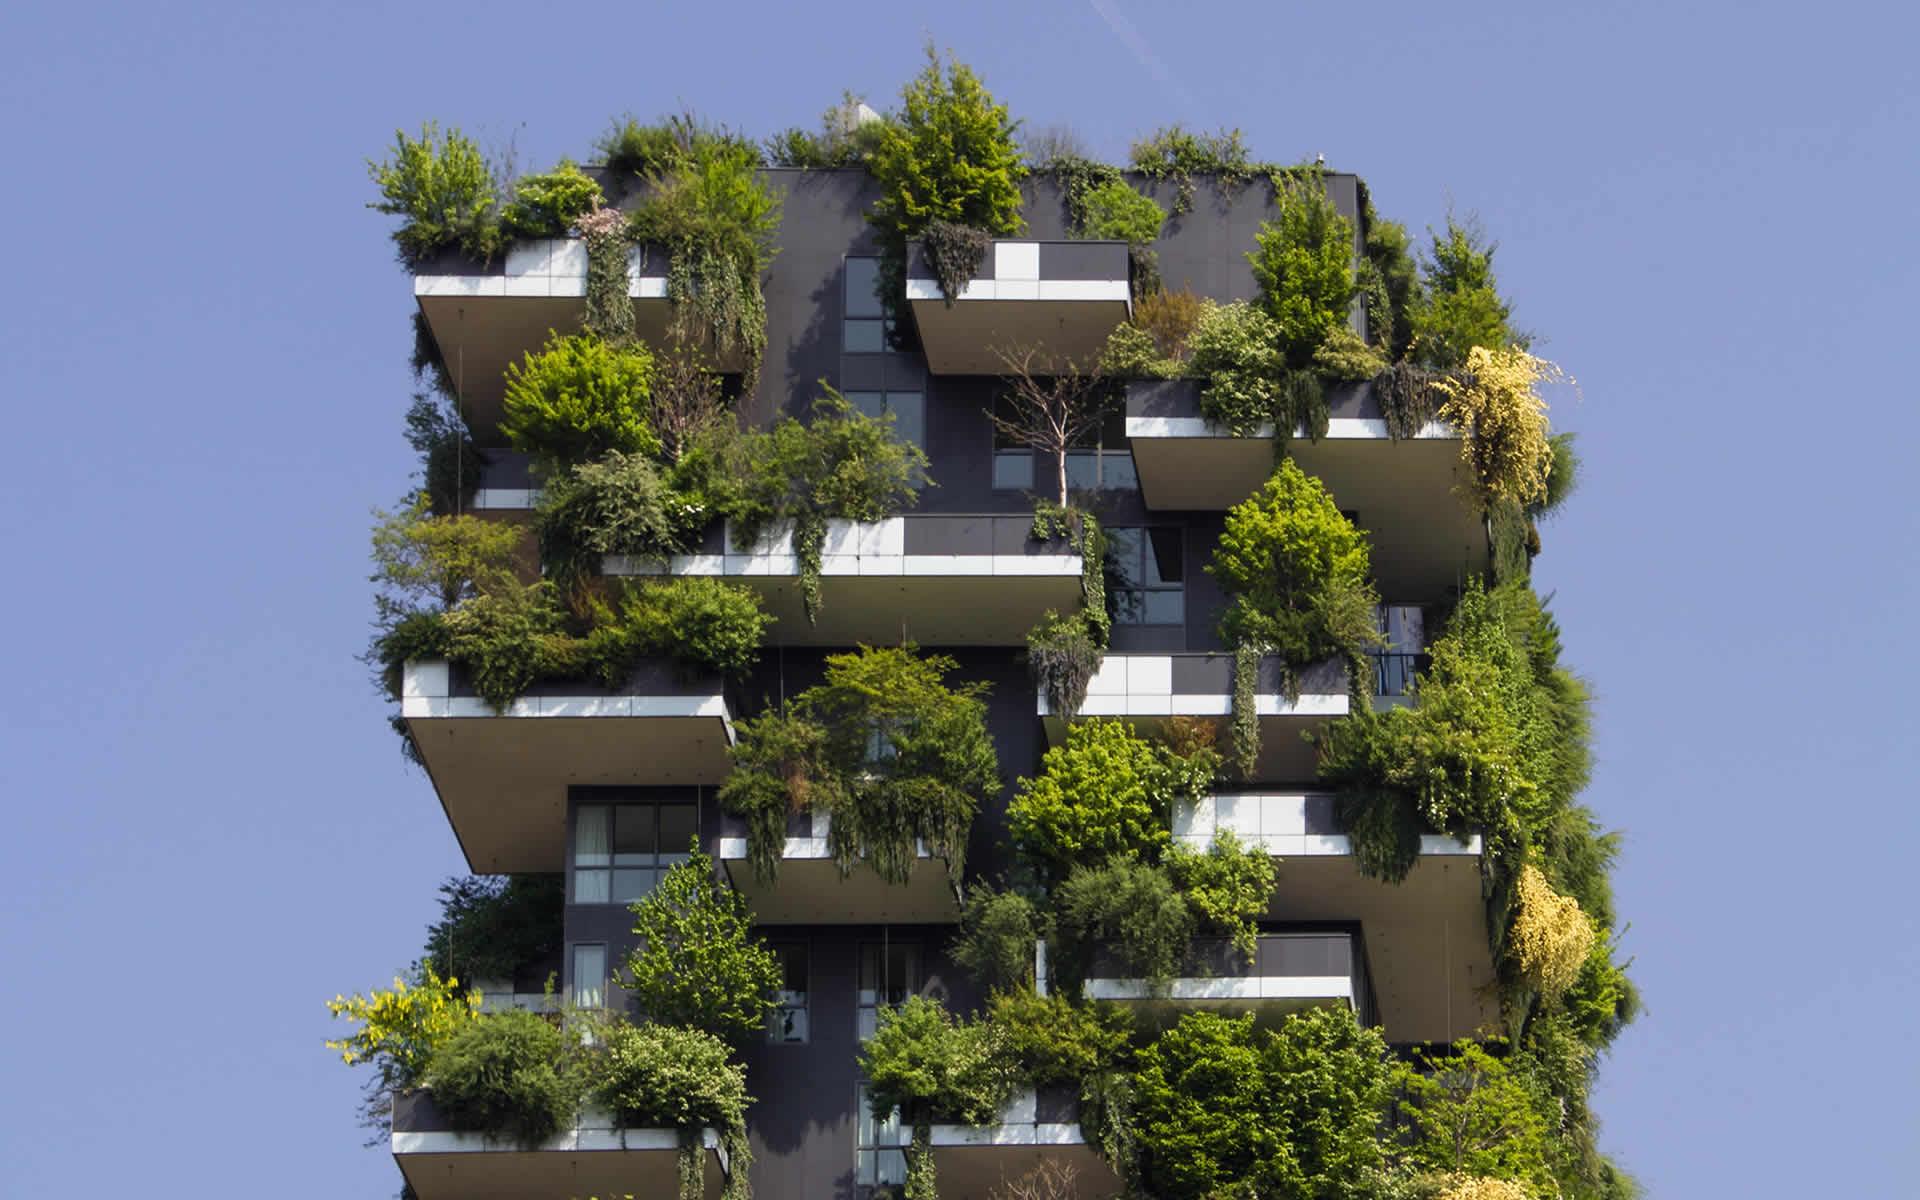 Gli italiani sempre più sensibili ai temi della sostenibilità